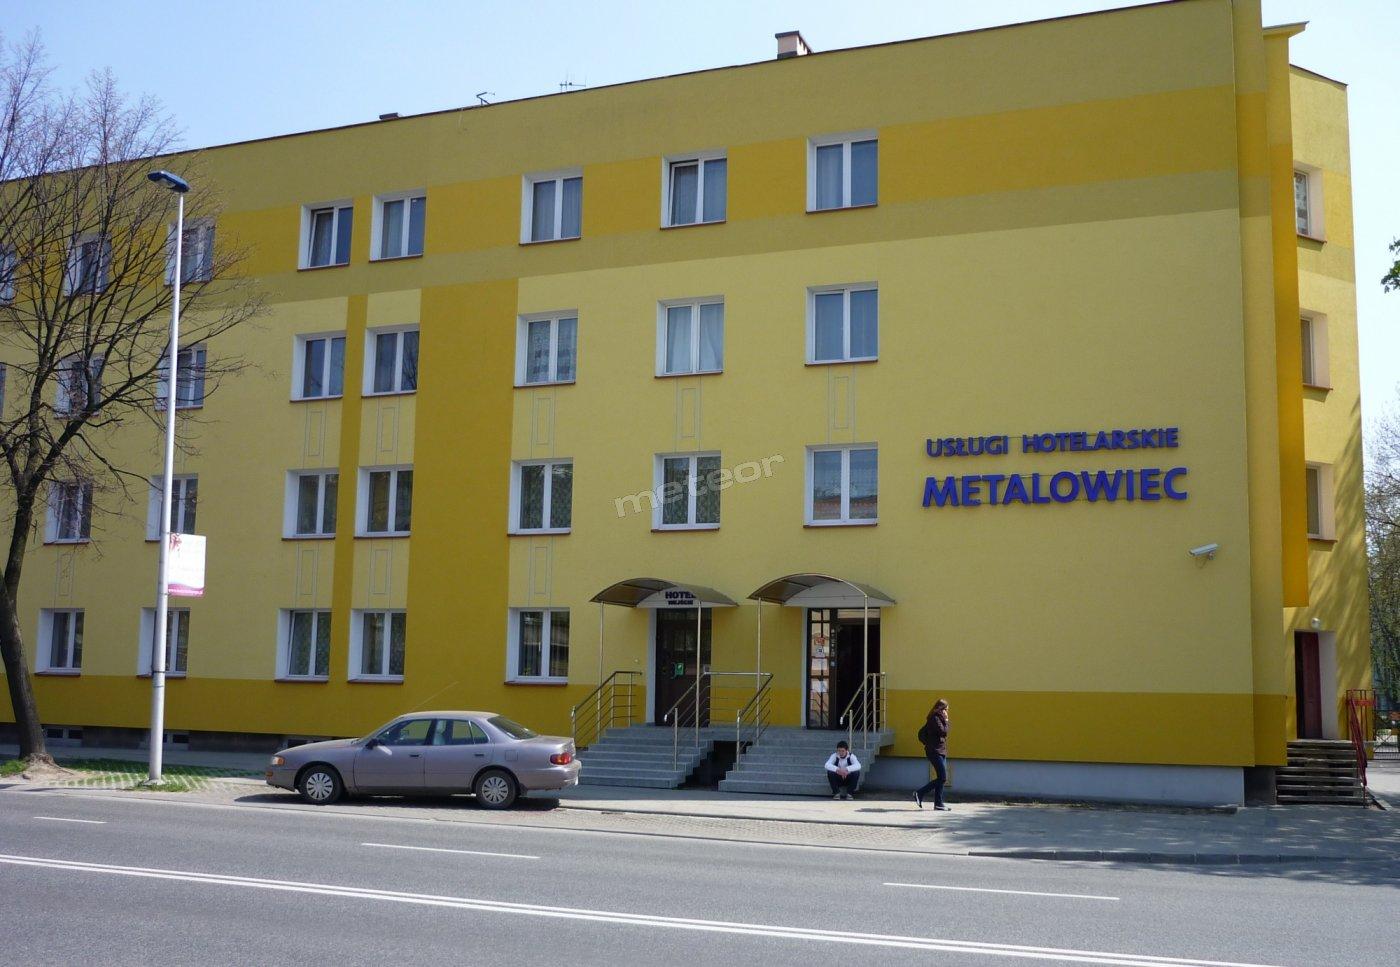 Usługi Hotelowe Metalowiec